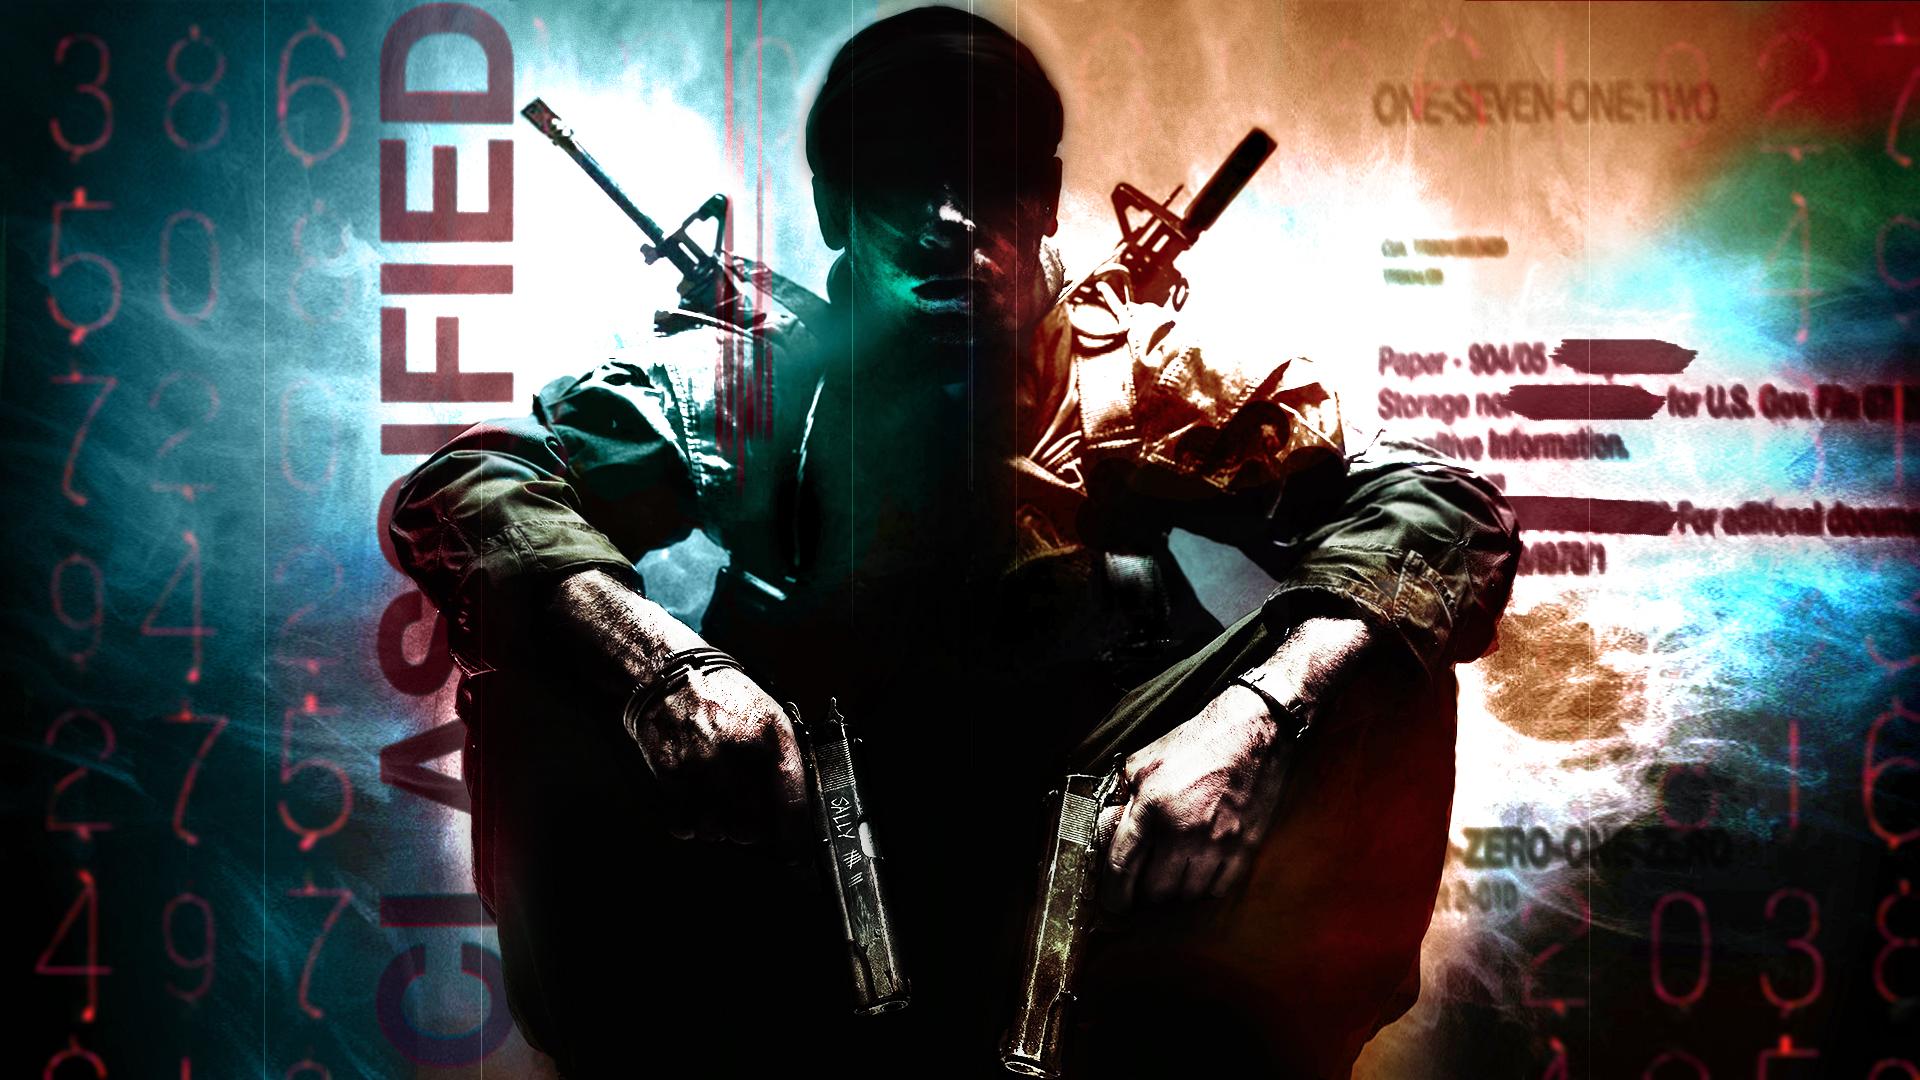 Cod Black Ops Wallpaper 3 By Daew4 On Deviantart